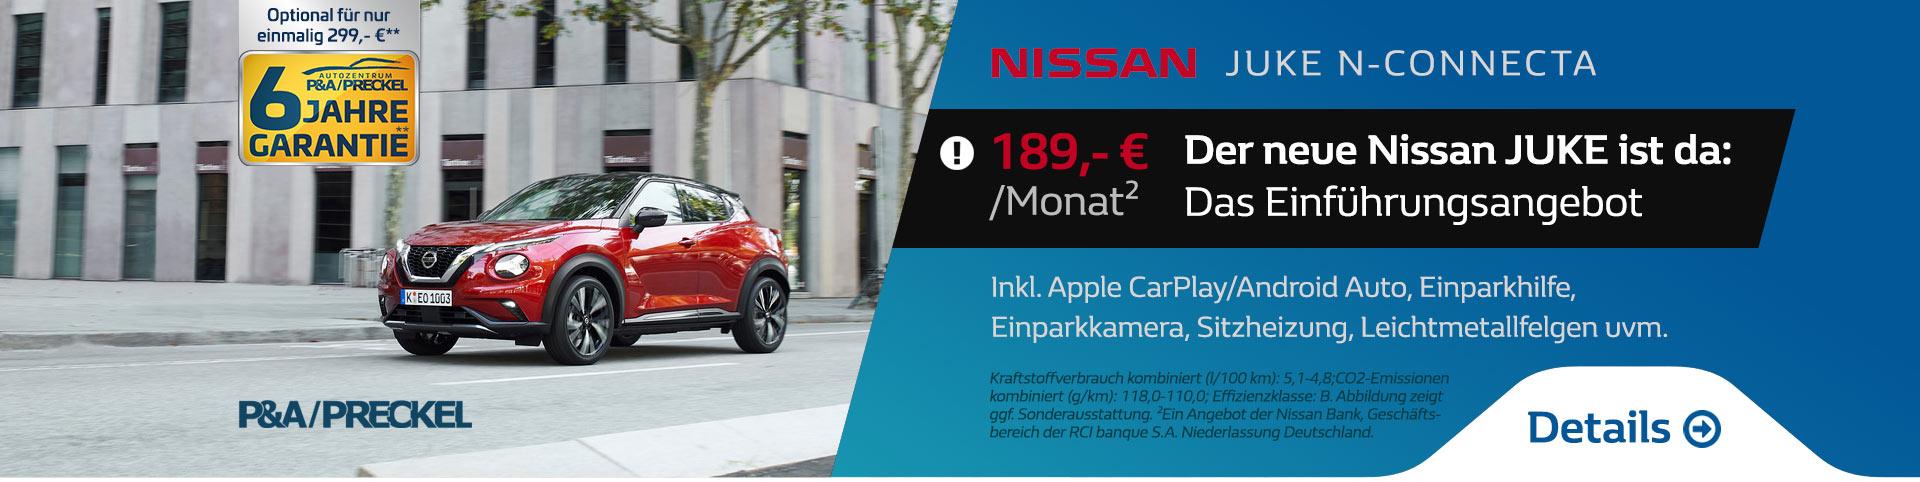 Der neue Nissan Juke vom Autozentrum P&A